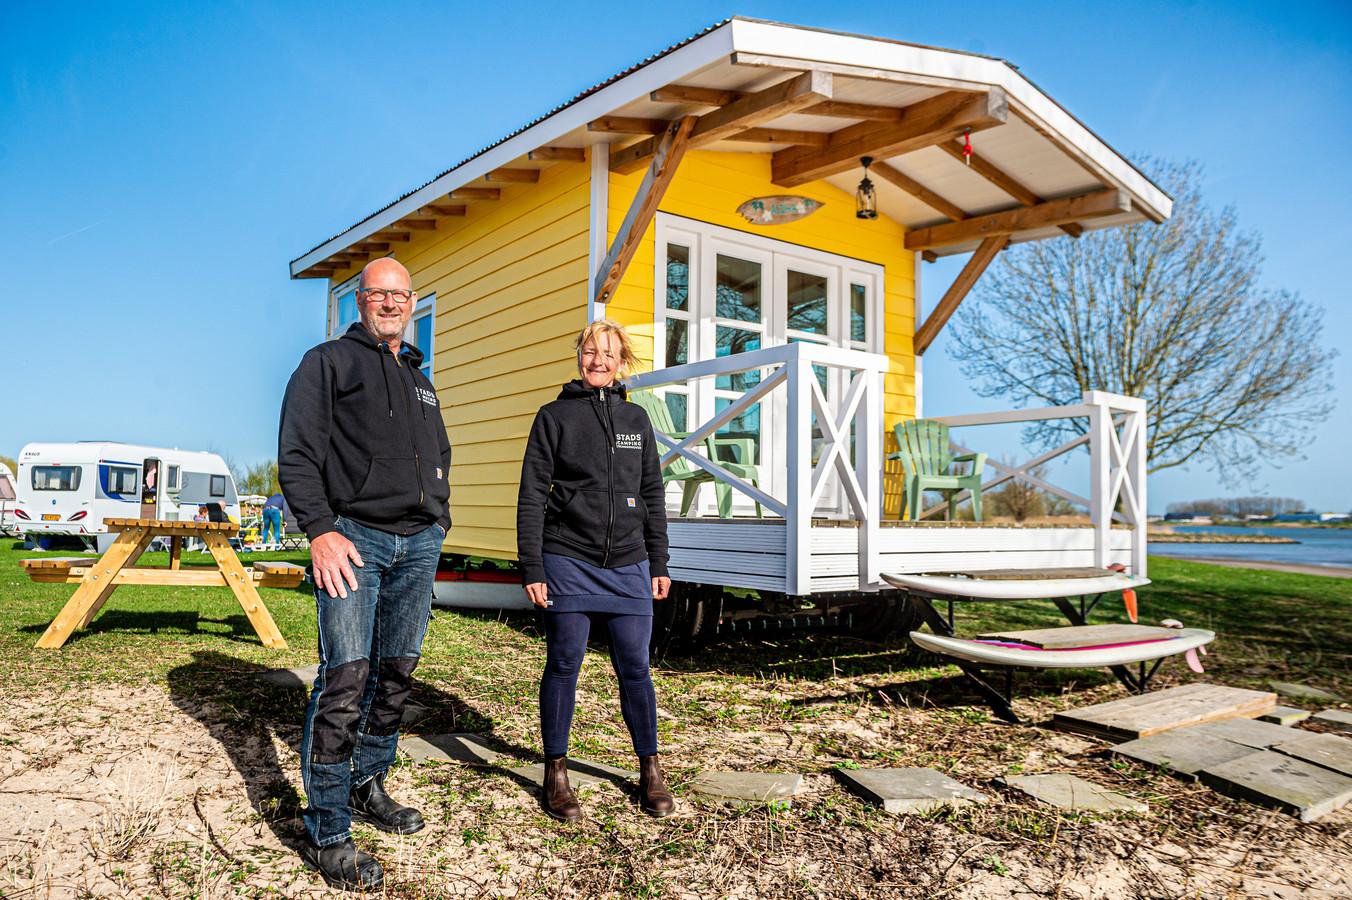 Elske en Jan-Luc Coenen van Stadscamping Schoonhoven staan te trappelen om het kampeerseizoen weer te beginnen op hun vernieuwde camping aan de Lek.